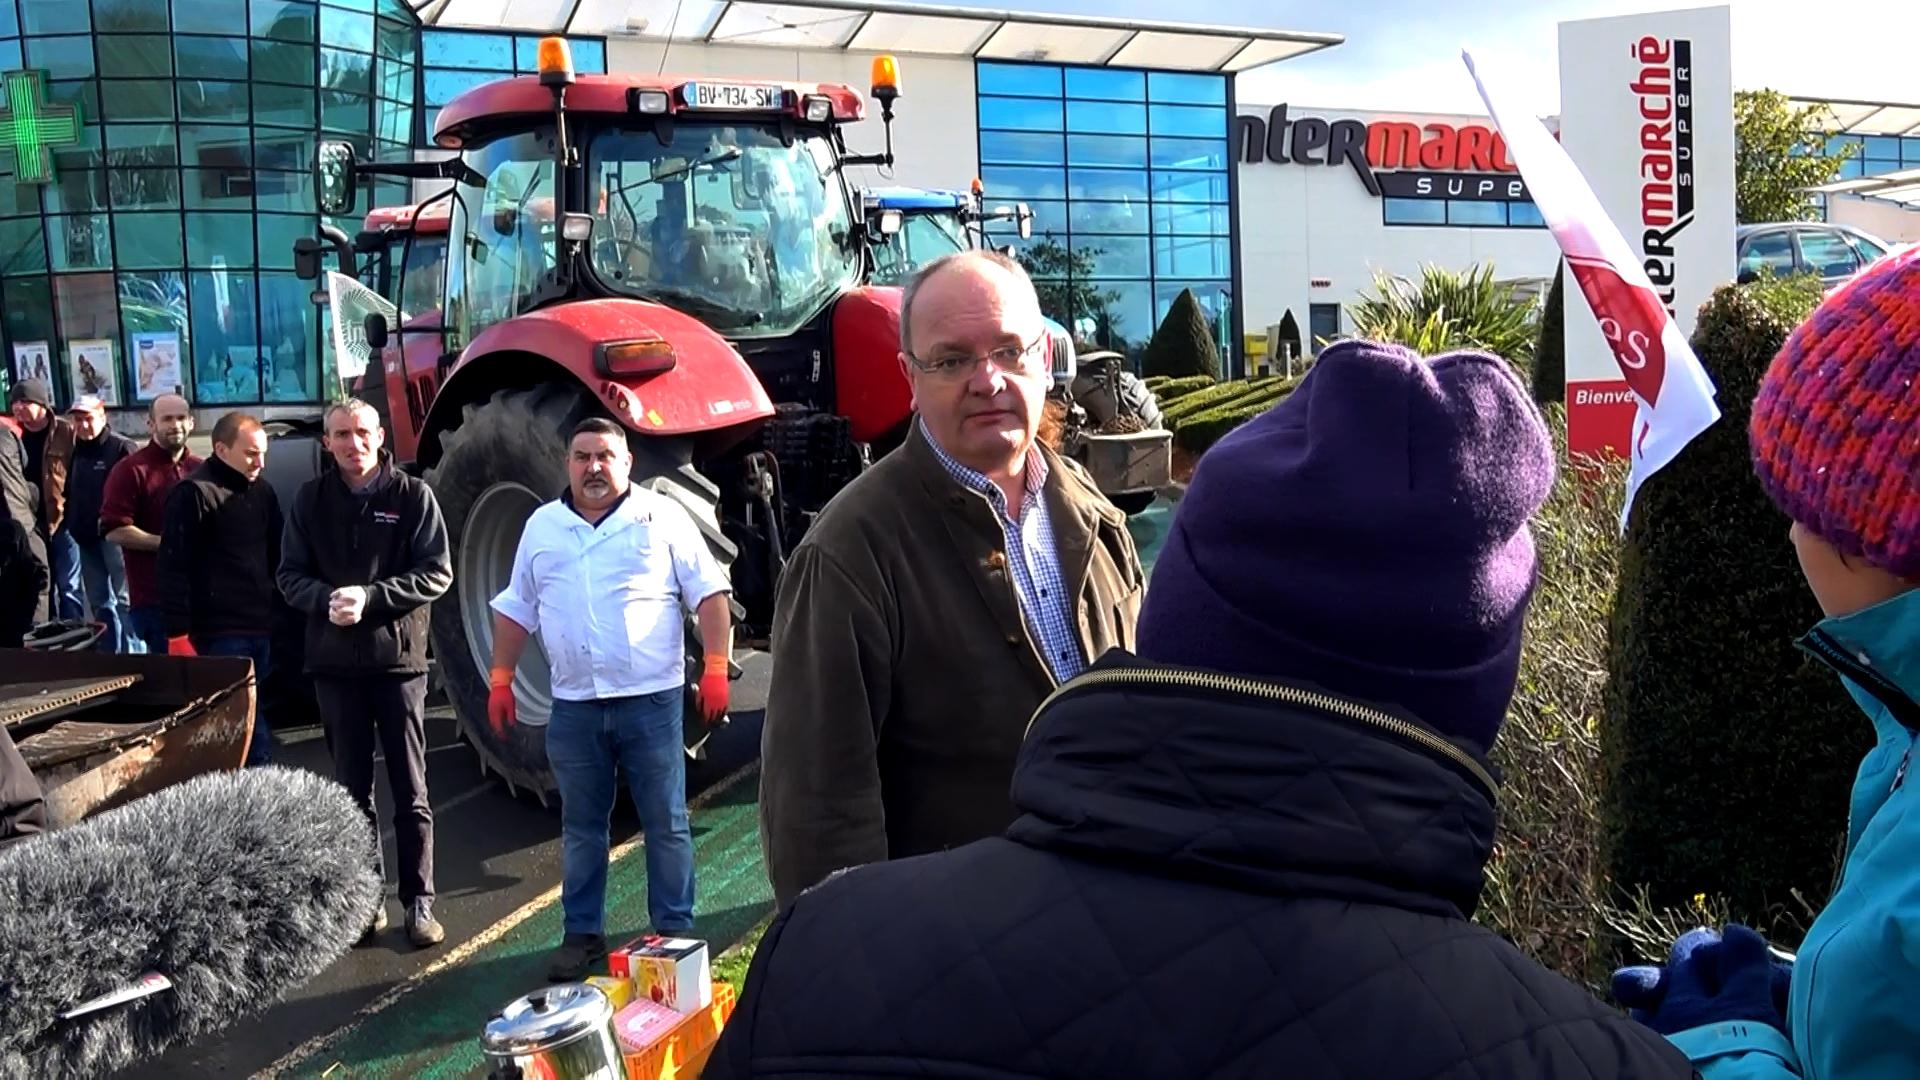 Manif agricole Saint-Agathon FDSEA - La Déviation